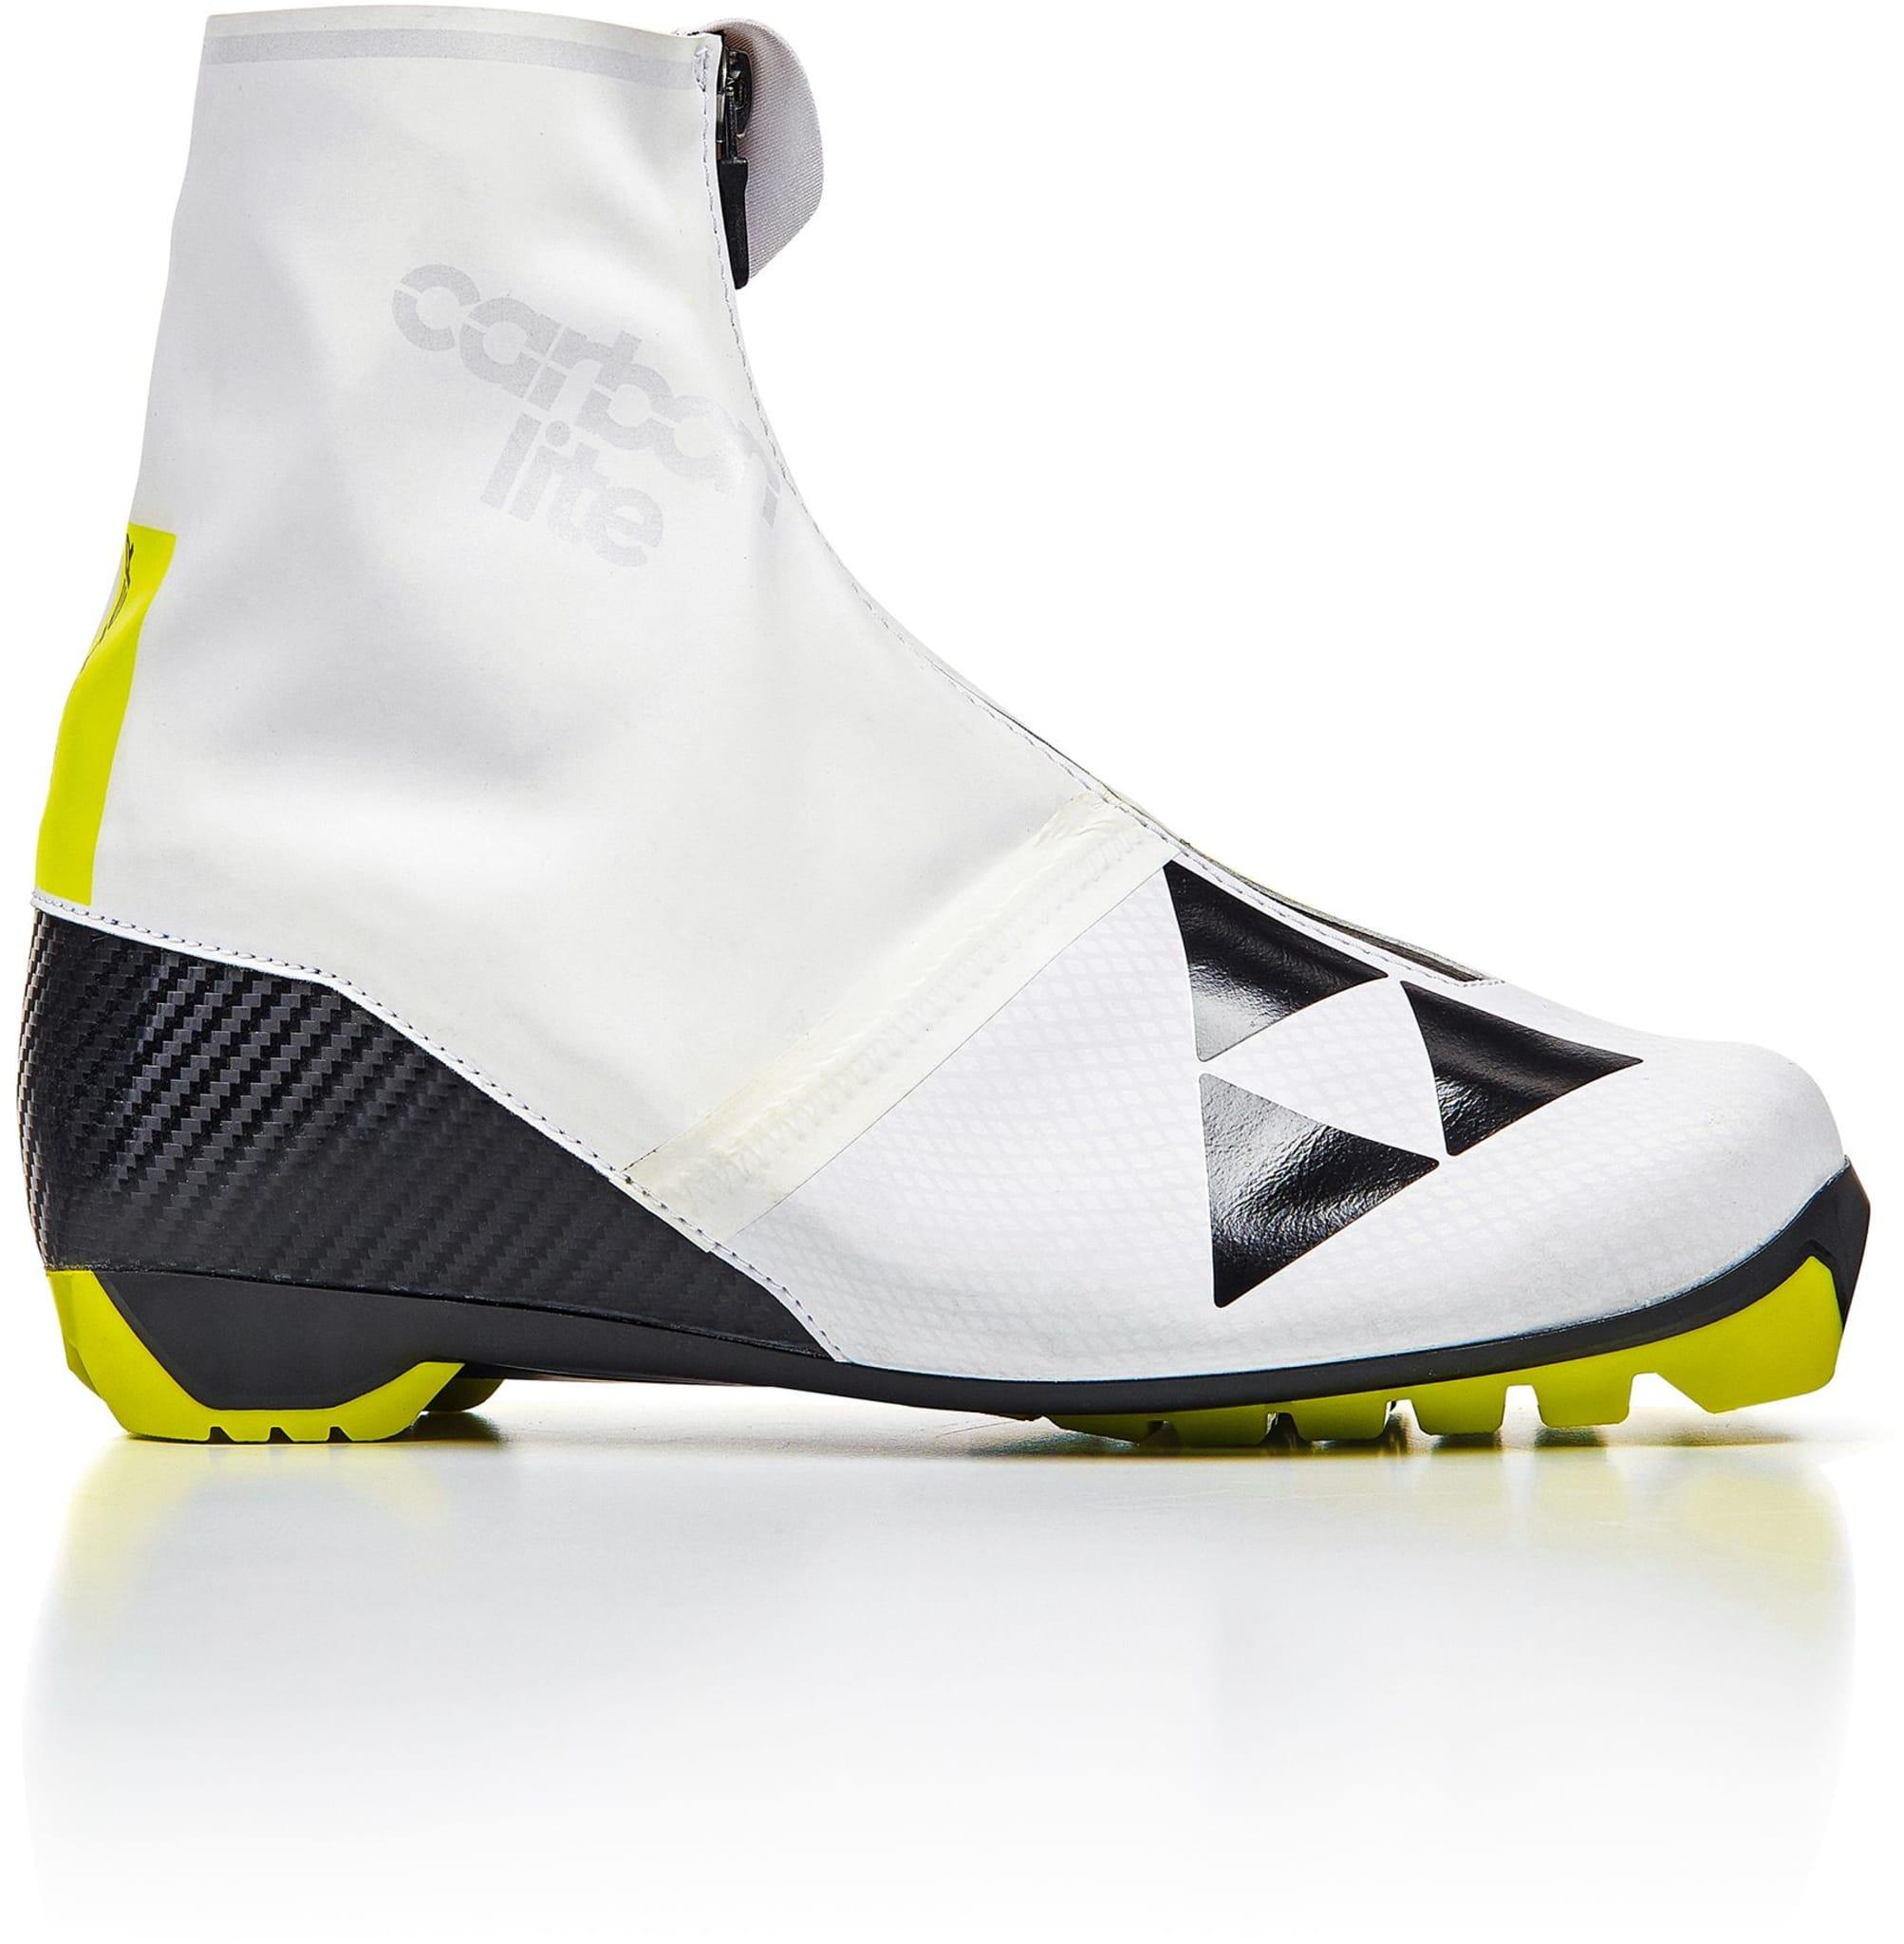 Ny utgave av Carbonlite skoen til Fischer!